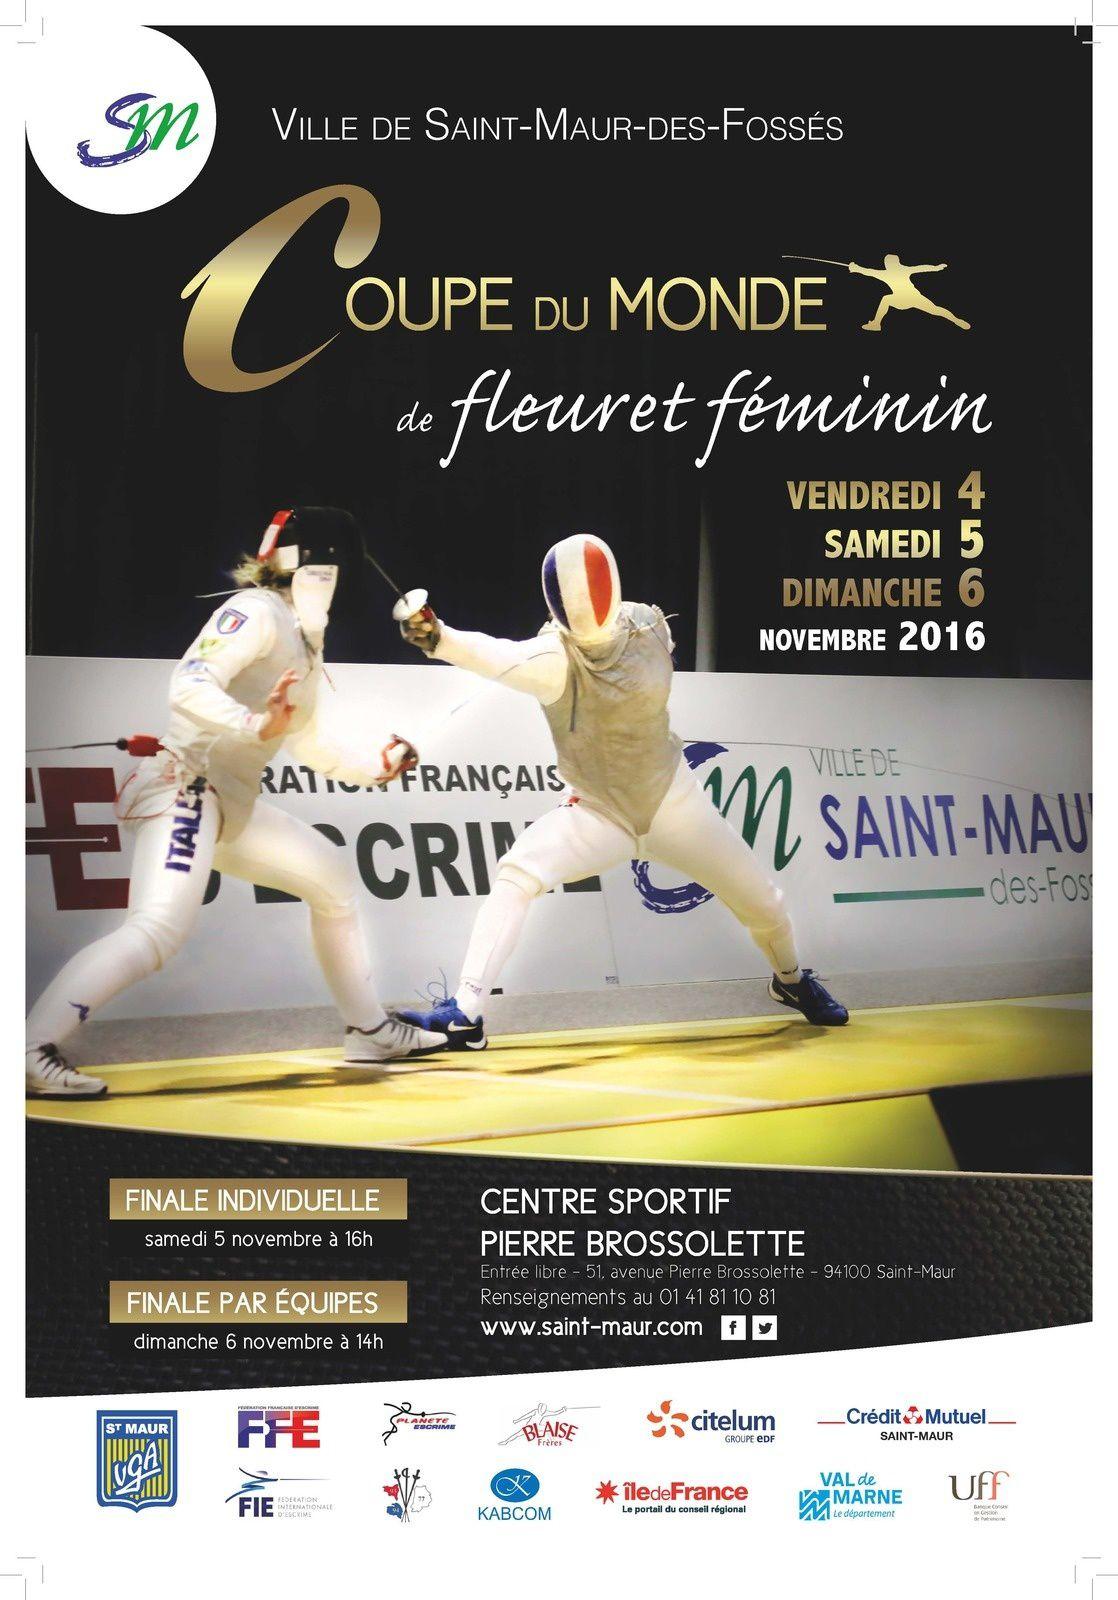 La coupe du Monde de FLeuret Dames à Saint-Maur les 4, 5 et 6 novembre 2016